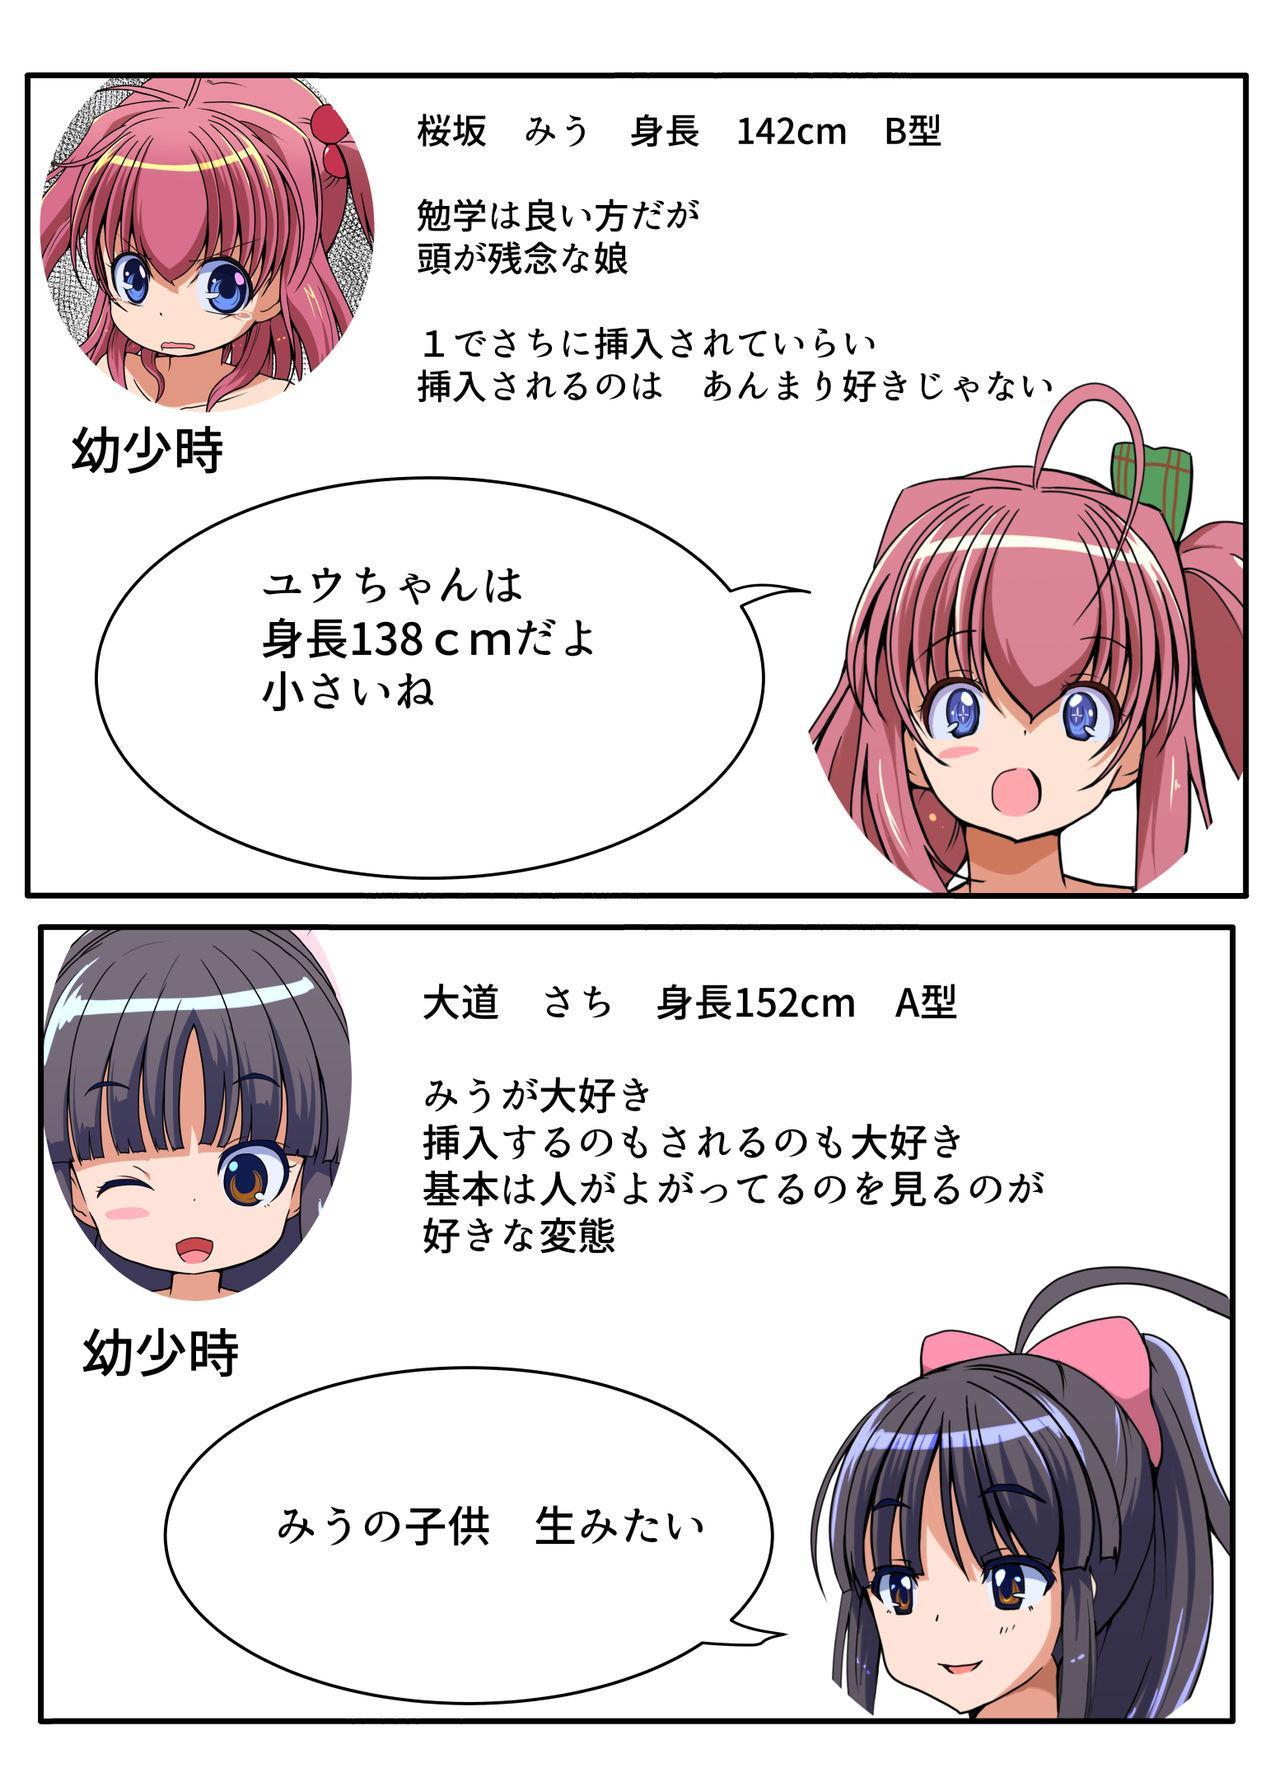 Futanari Shoujo no Seishi wa Tsukiru koto o Shiranai 2 1